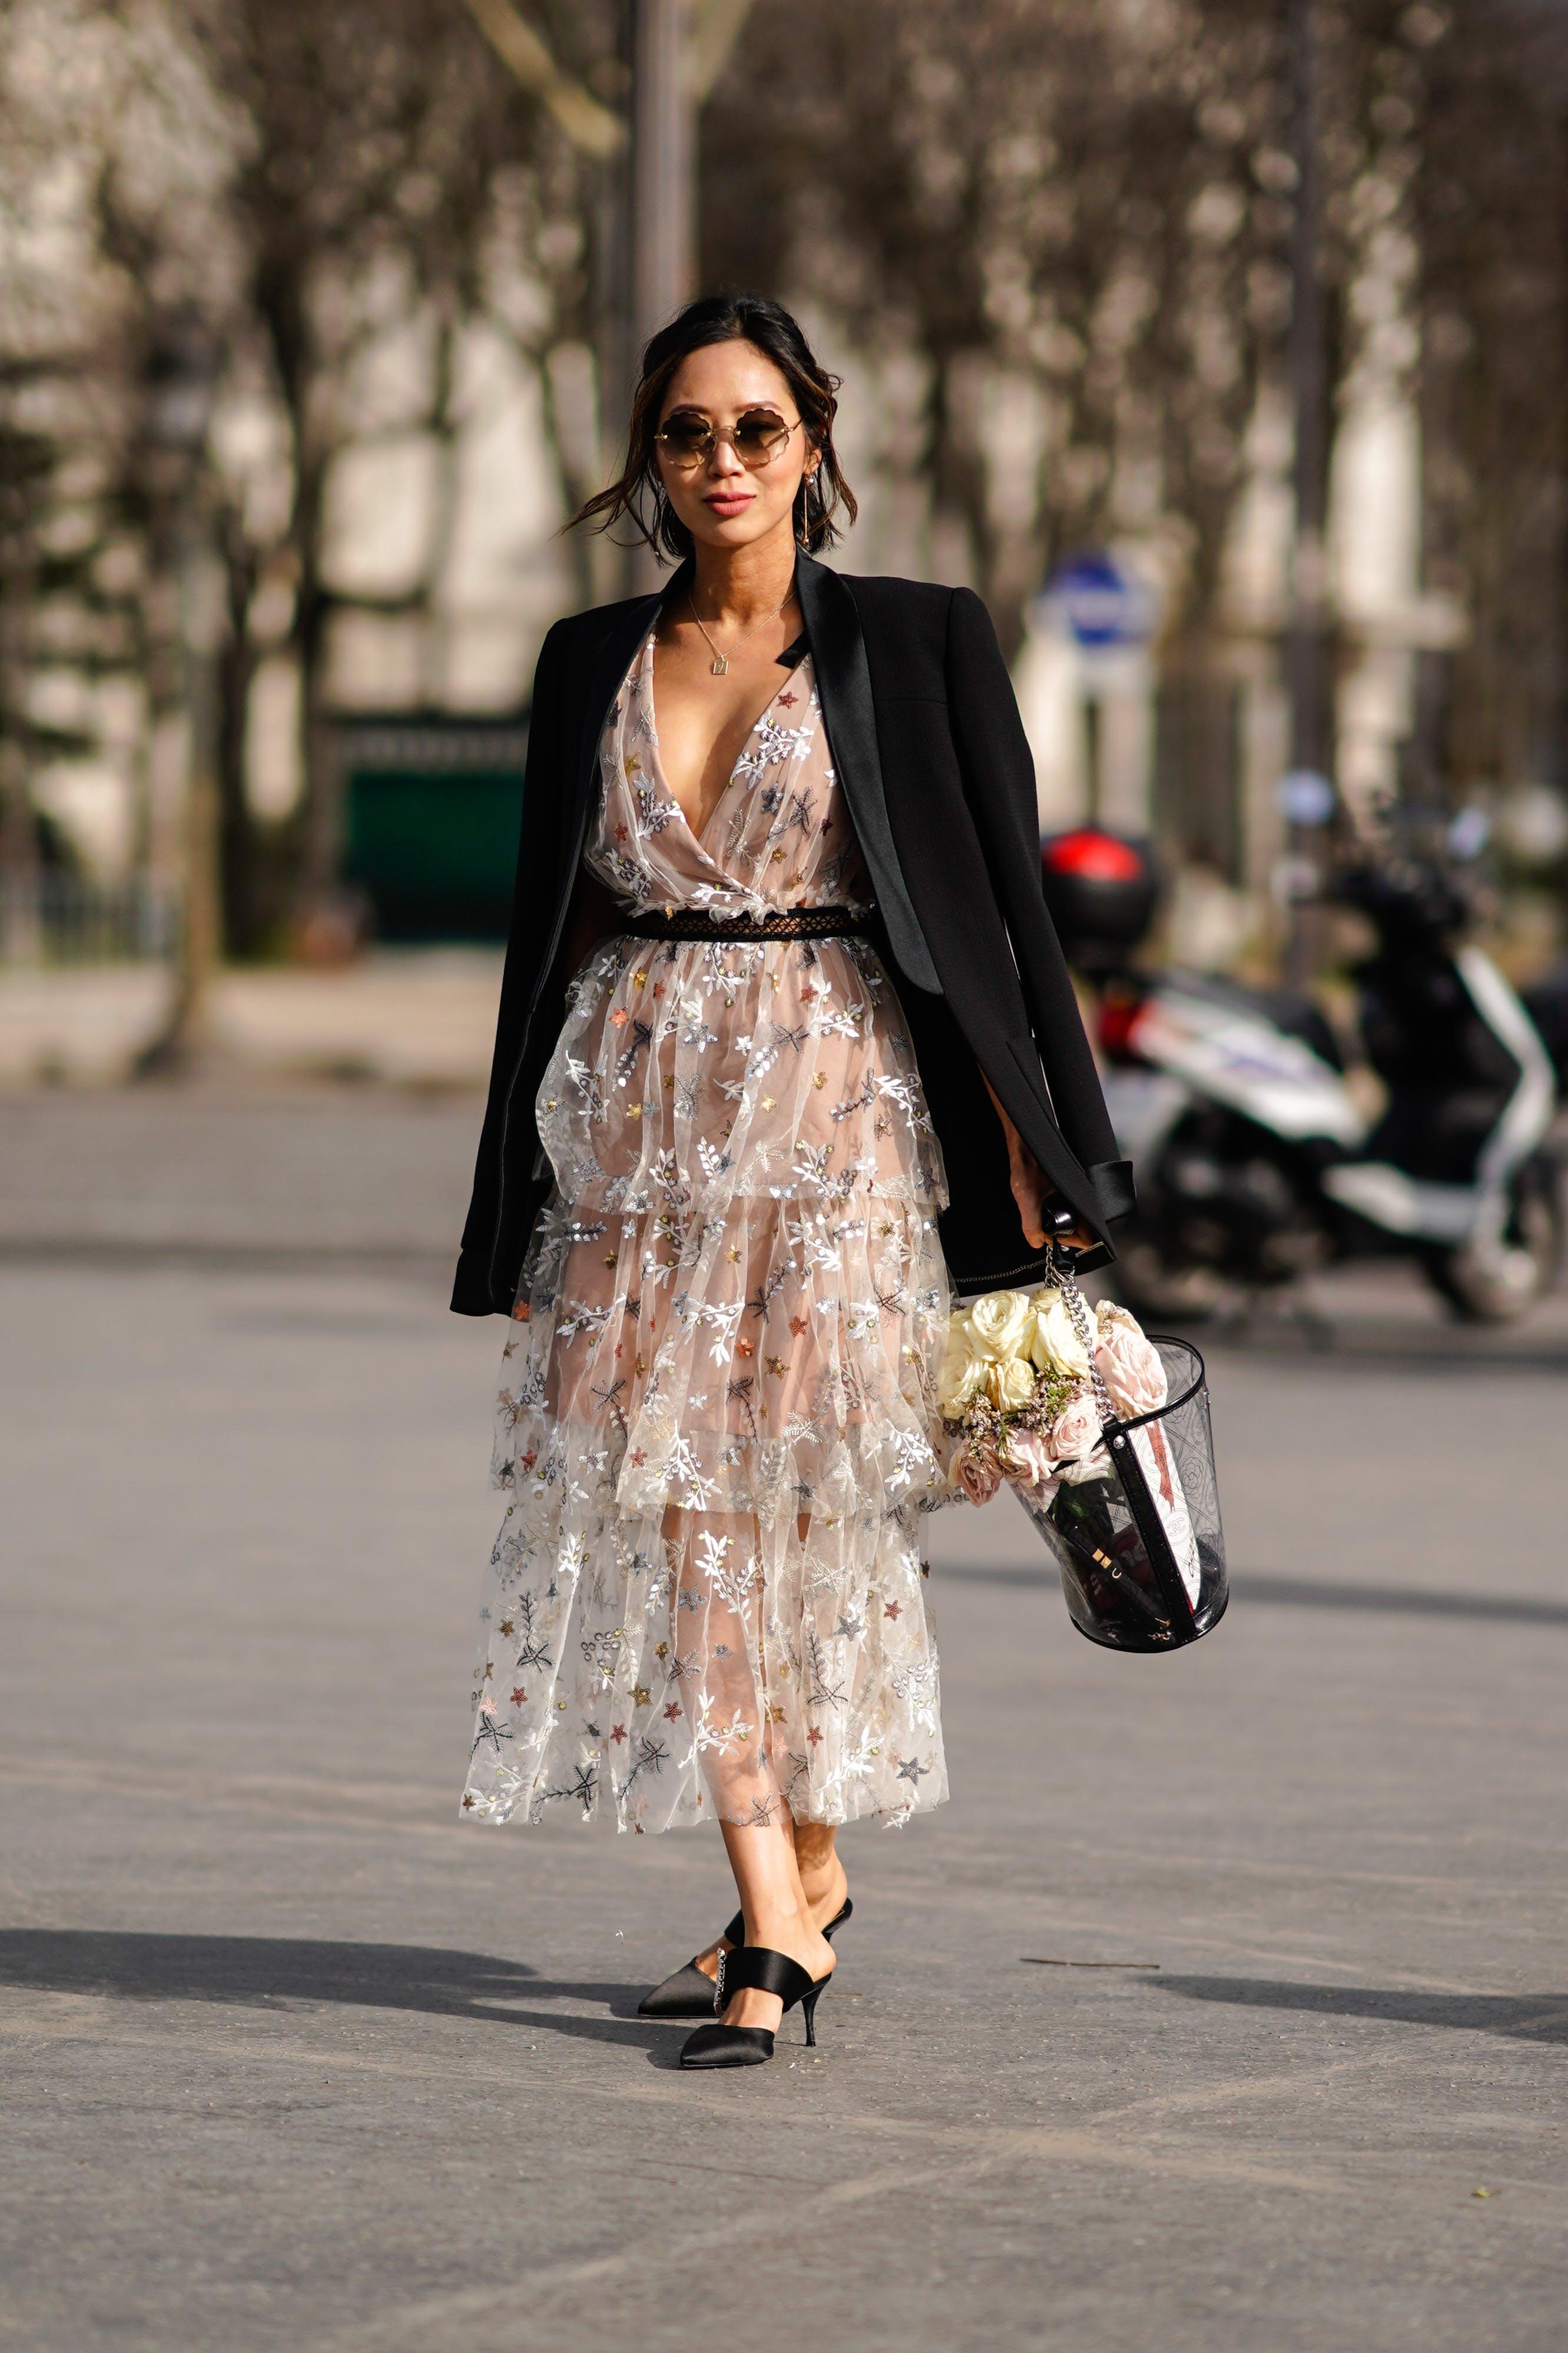 thời trang vintage đầm hoa và áo vest dạo phố